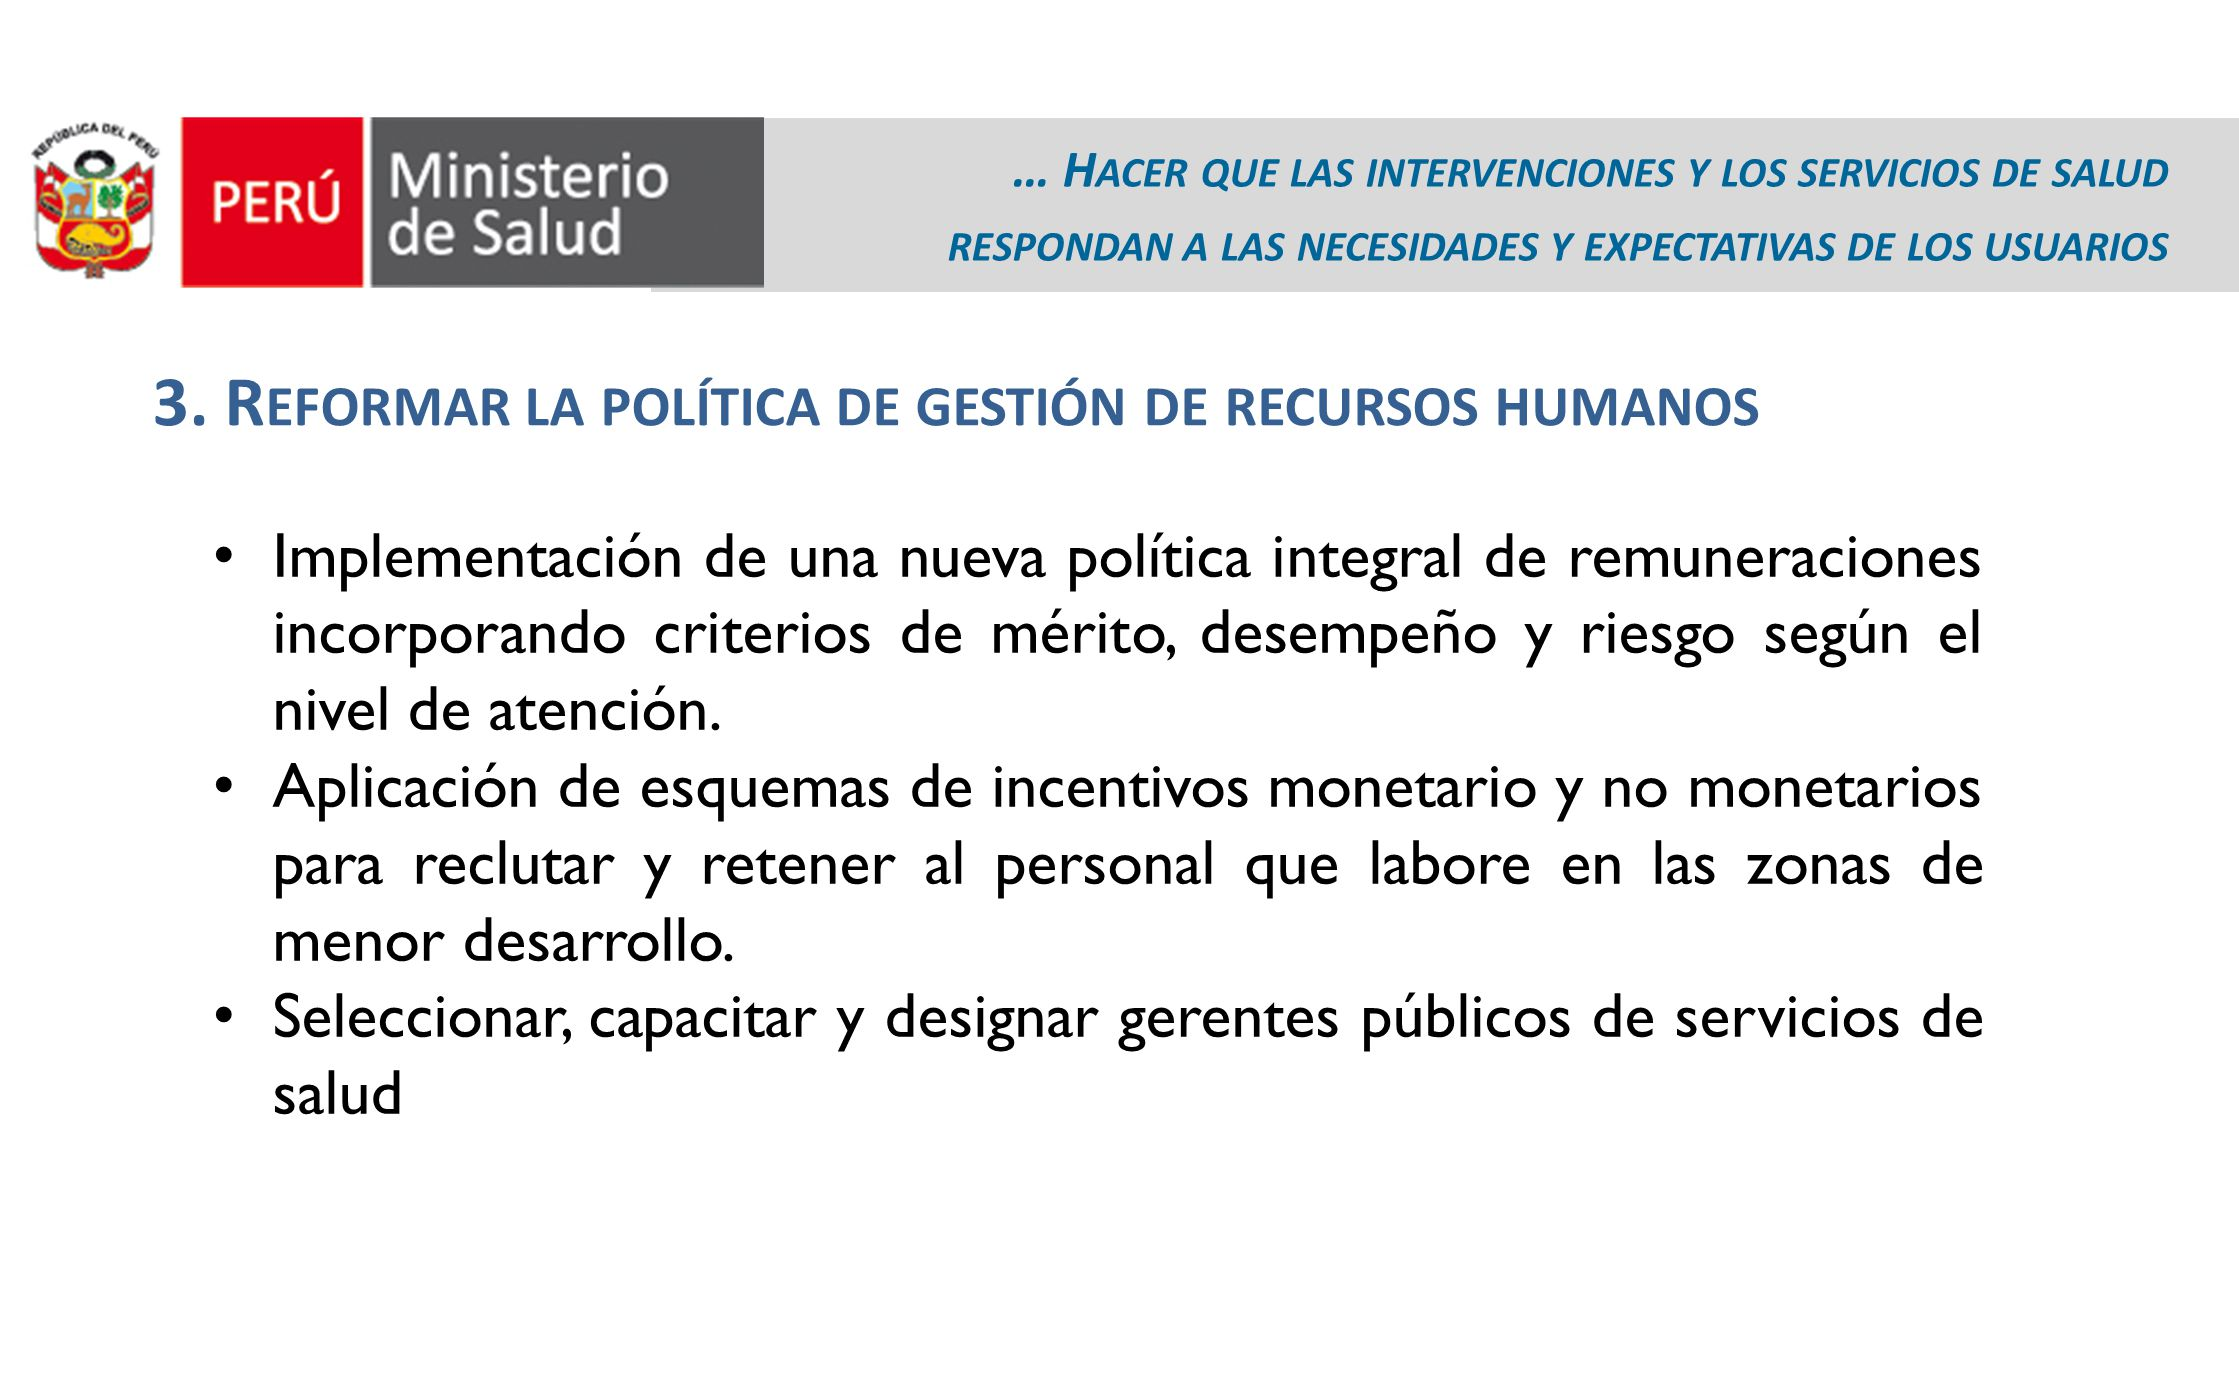 3. Reformar la política de gestión de recursos humanos